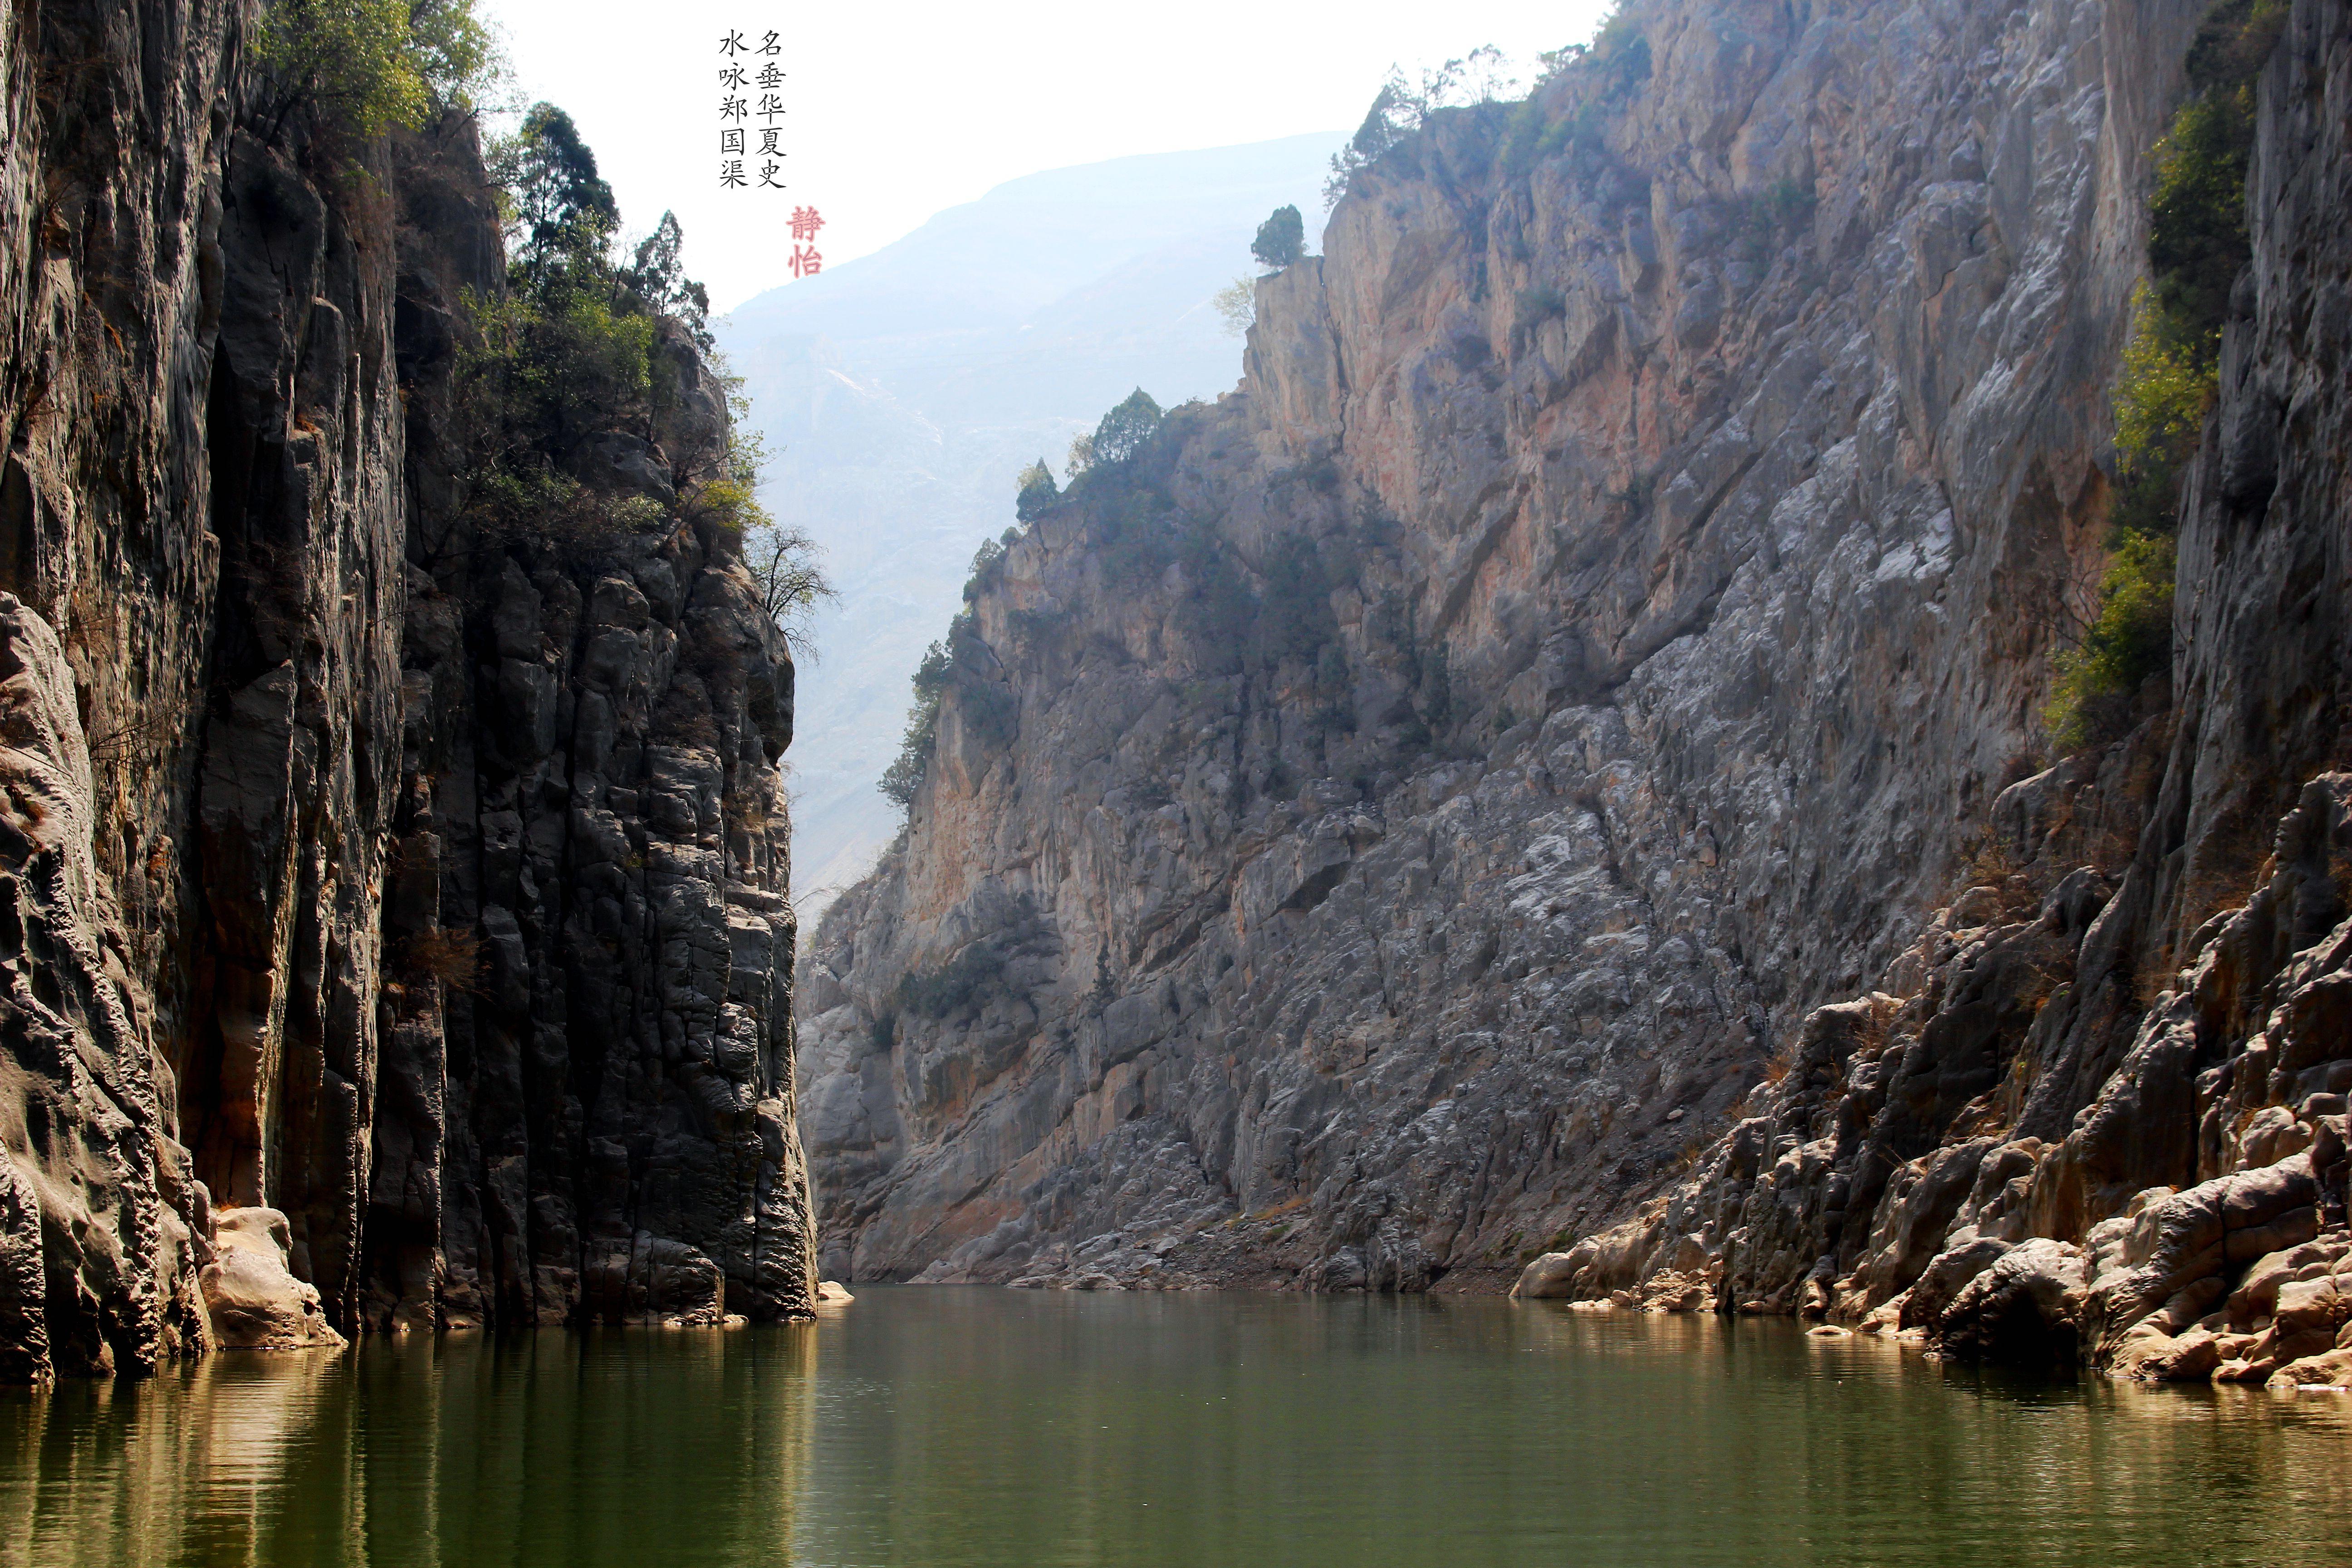 【携程攻略】泾阳郑国渠旅游风景区好玩吗,泾阳郑国渠